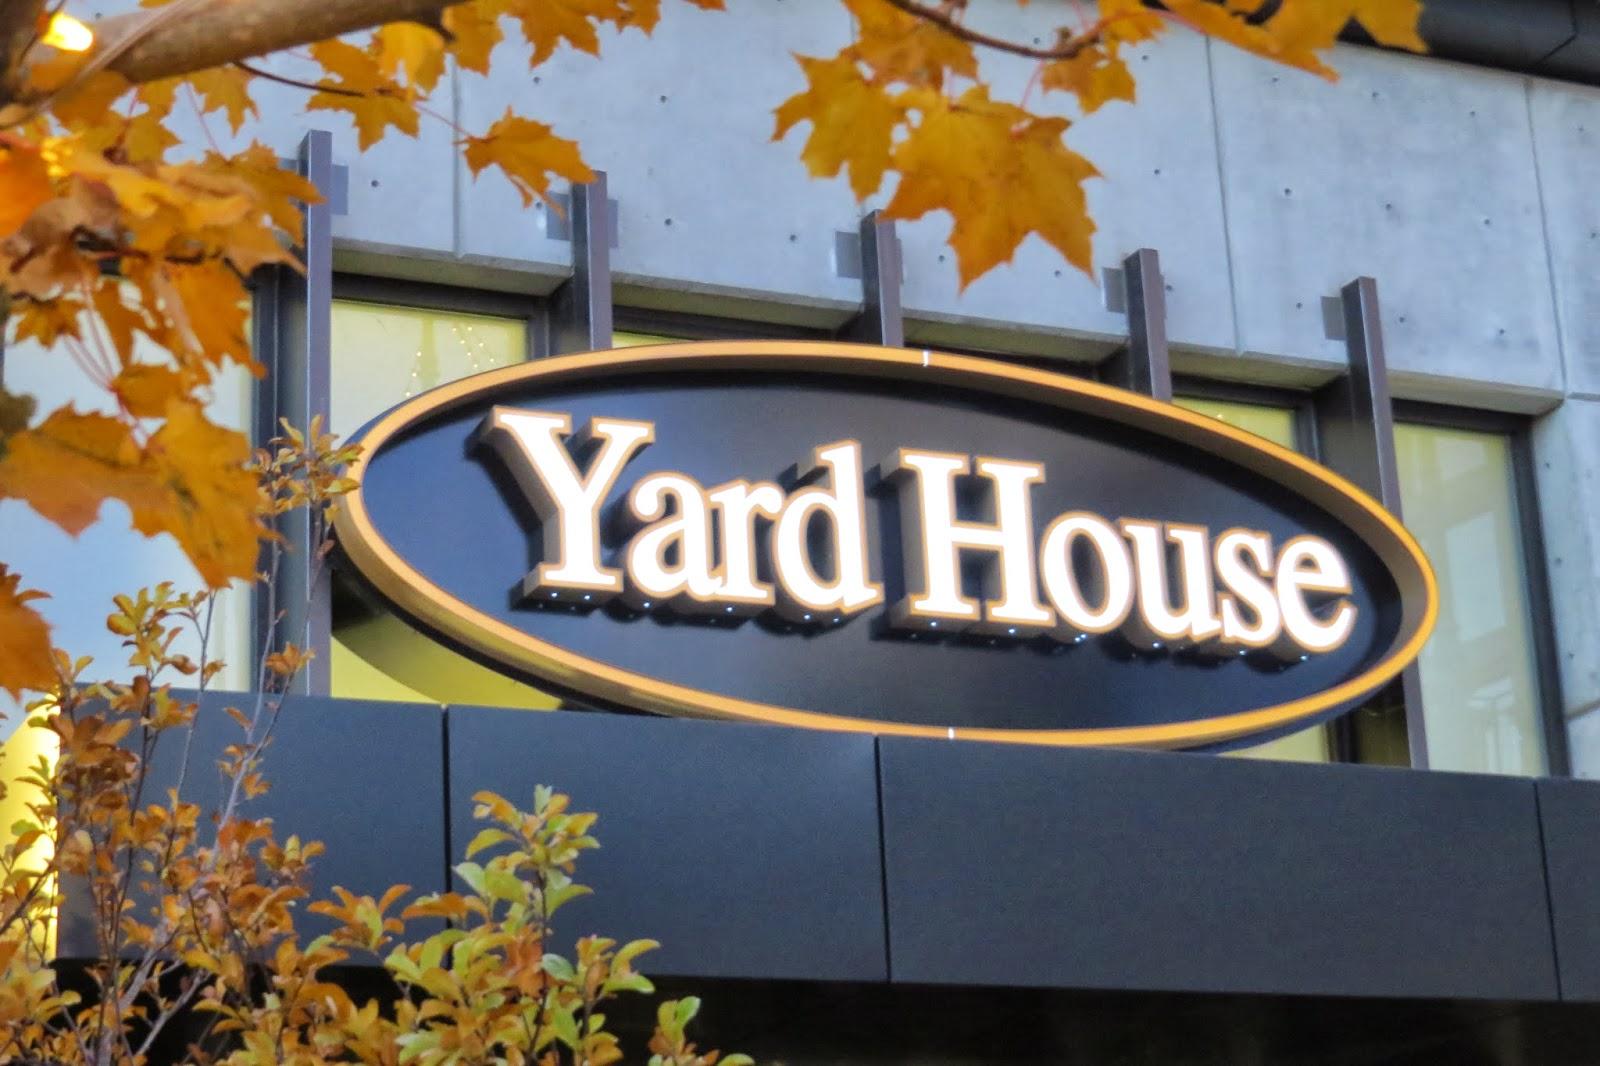 Yard House at The Village at Meridian, Idaho